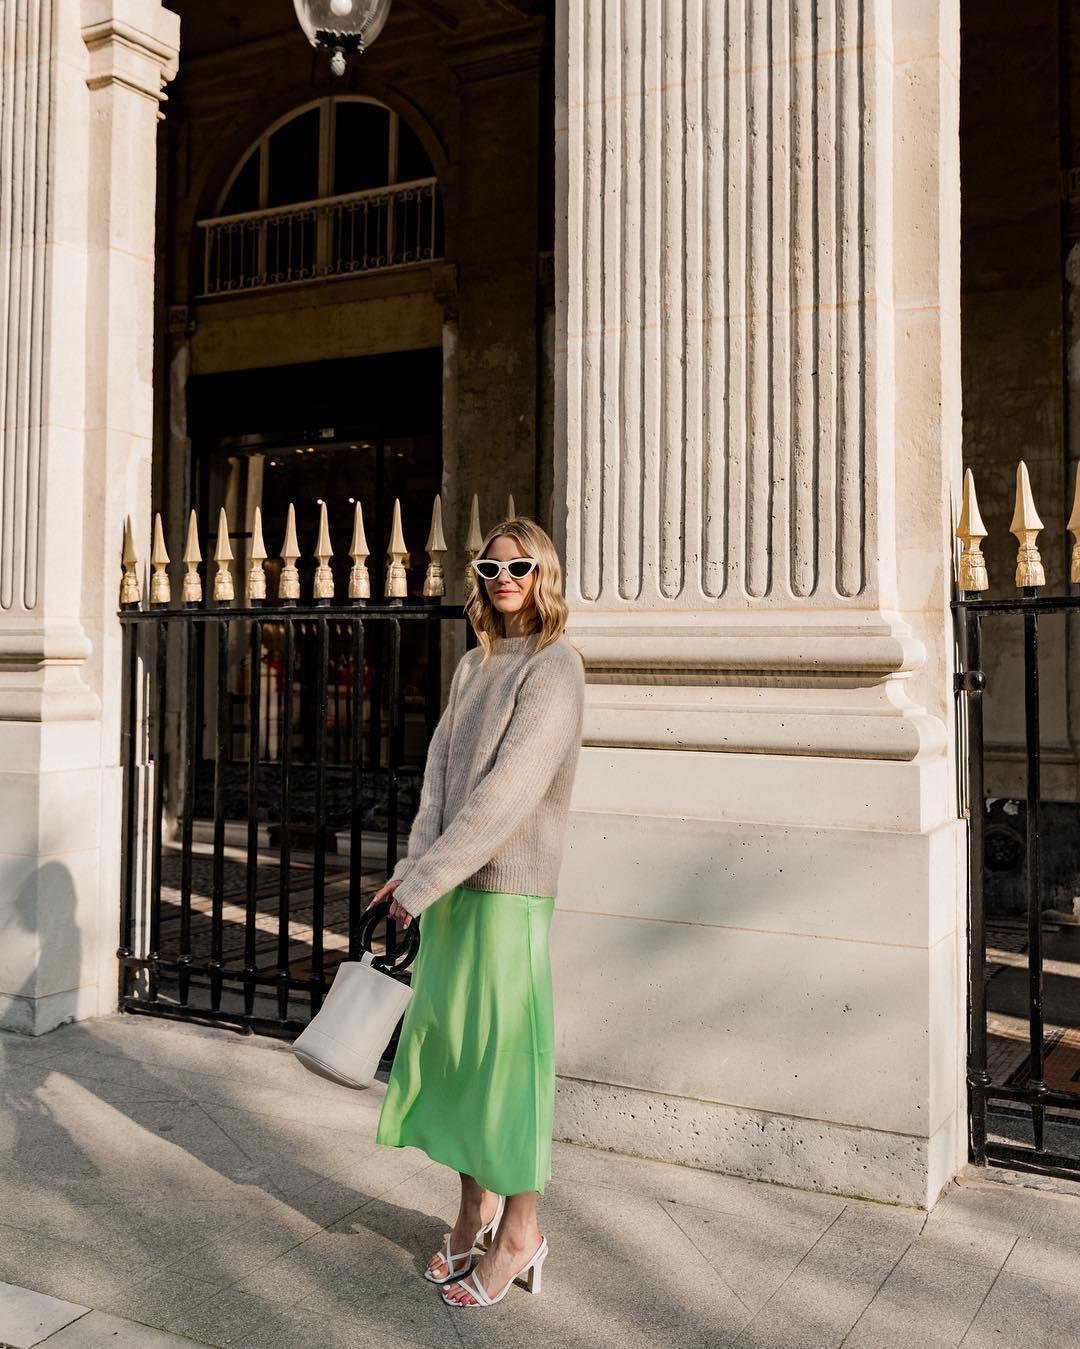 Không thể kìm lòng trước 5 cách diện áo len đẹp xỉu của phụ nữ Pháp, bạn sẽ muốn áp dụng bằng hết mới được - Ảnh 11